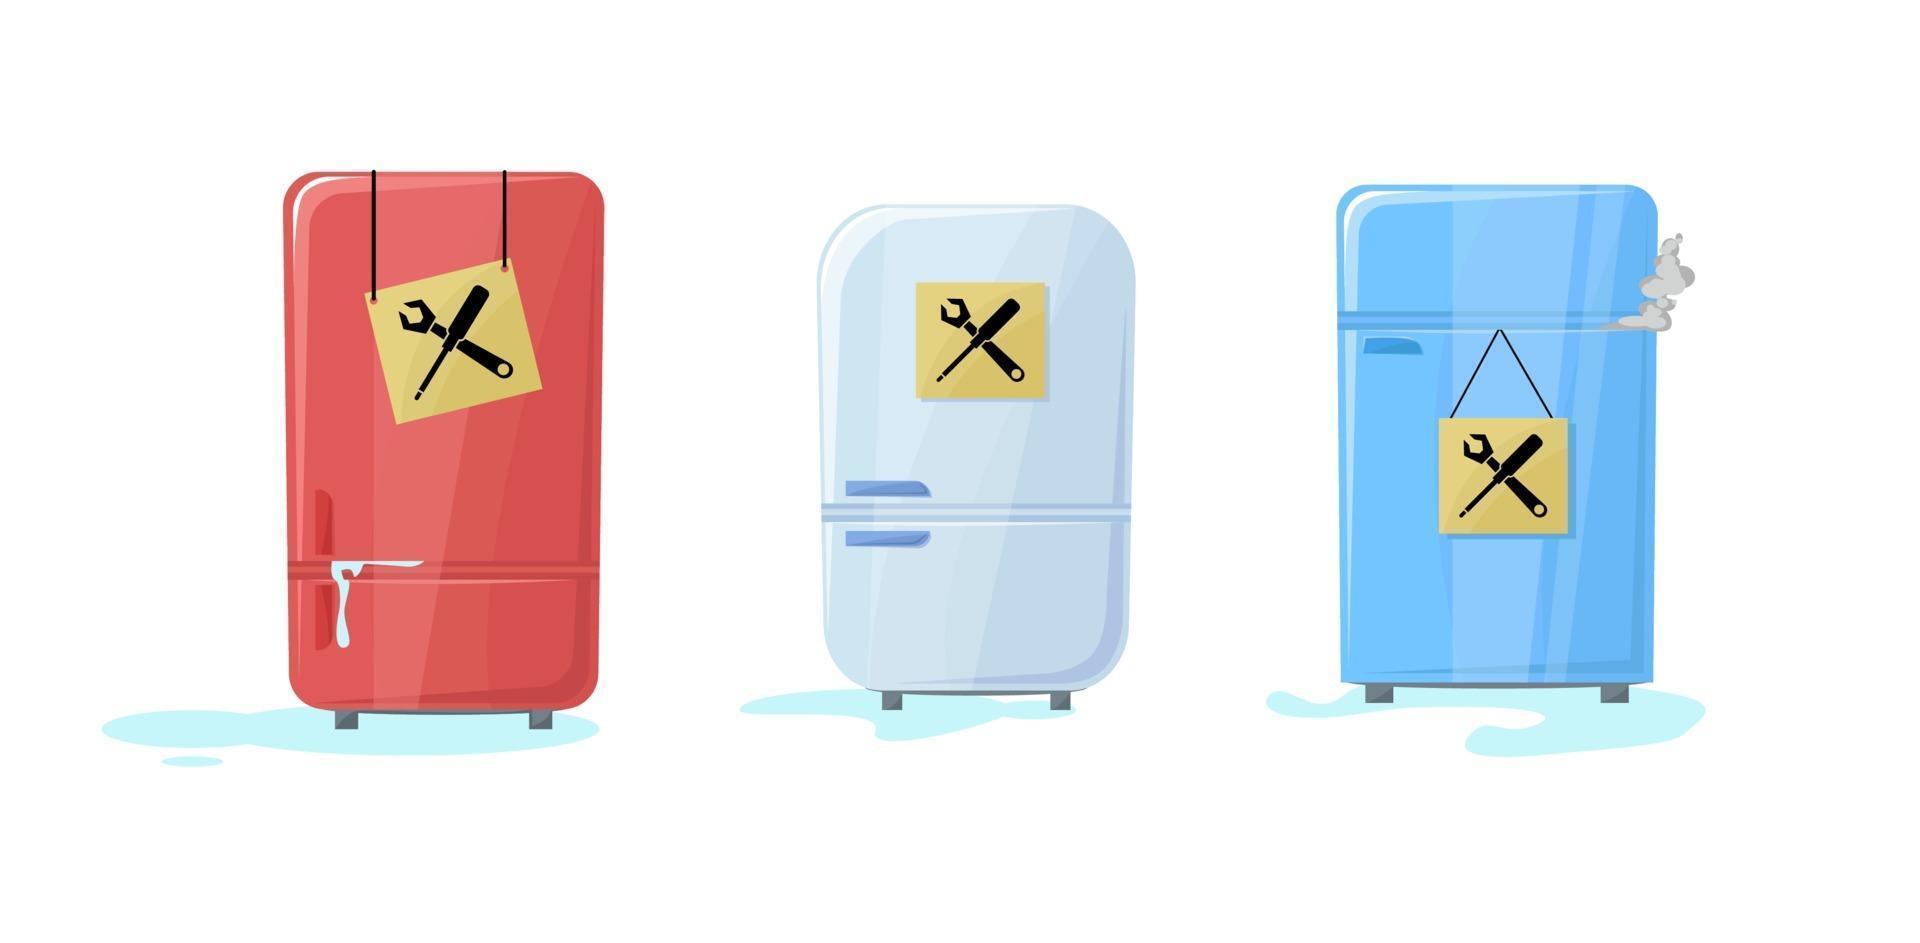 frigorifero rotto insieme con l'acqua che scorre fuori. il congelatore ha smesso di funzionare. un po 'di fumo dall'interno. frigorifero. cartello con icone di manutenzione. bisogno in servizio per risolvere. illustrazione vettoriale in cartone animato